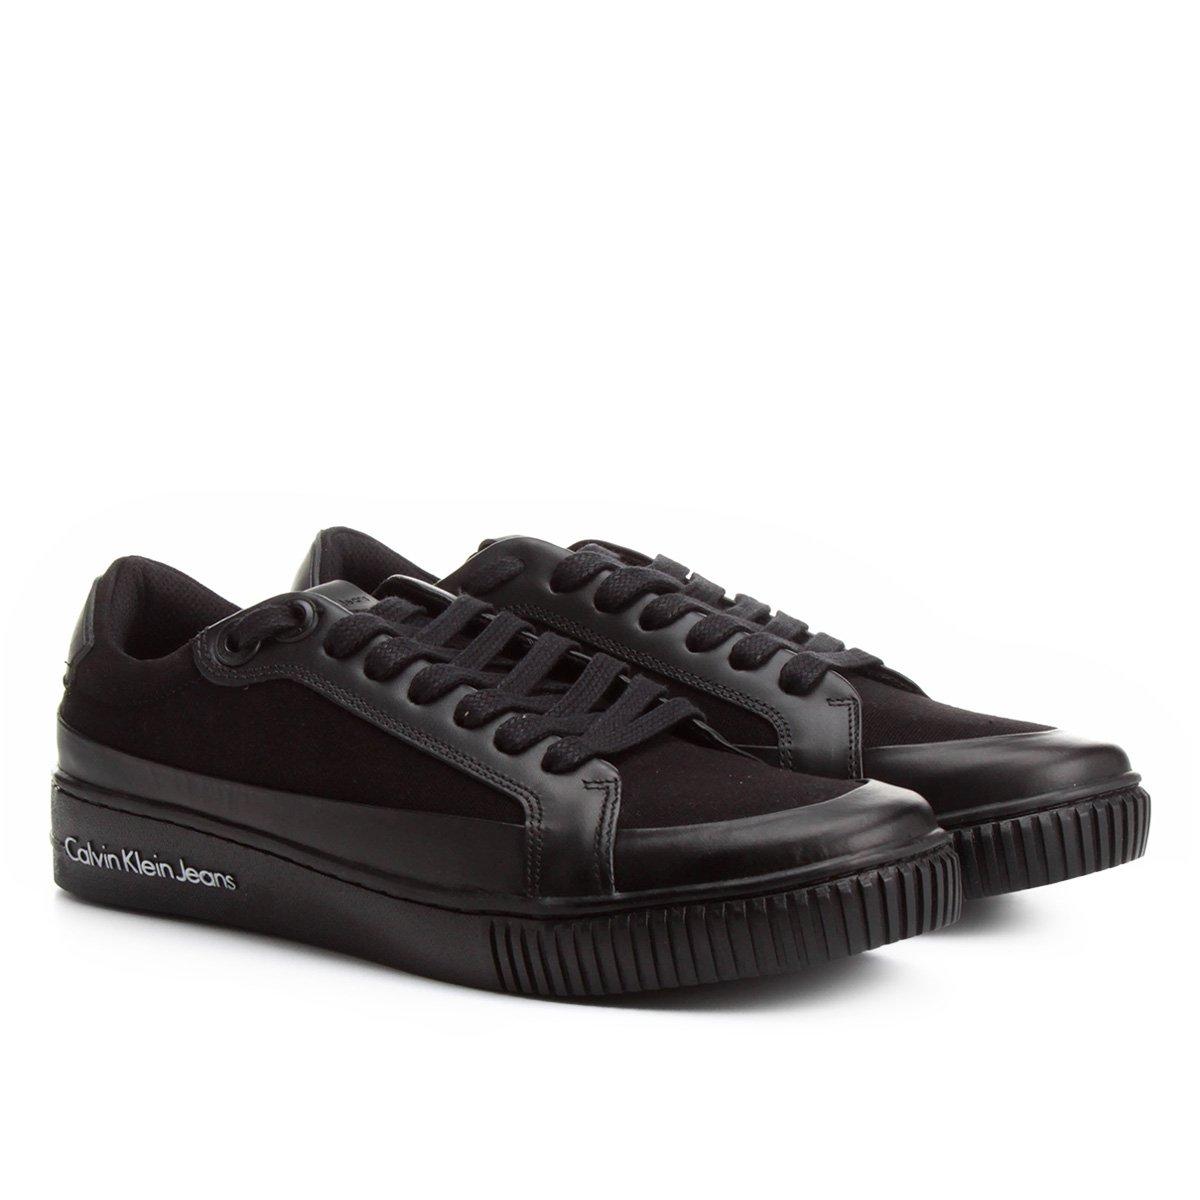 Sapatênis Calvin Klein Recortes Masculino - Compre Agora   Netshoes e4a6d713bc